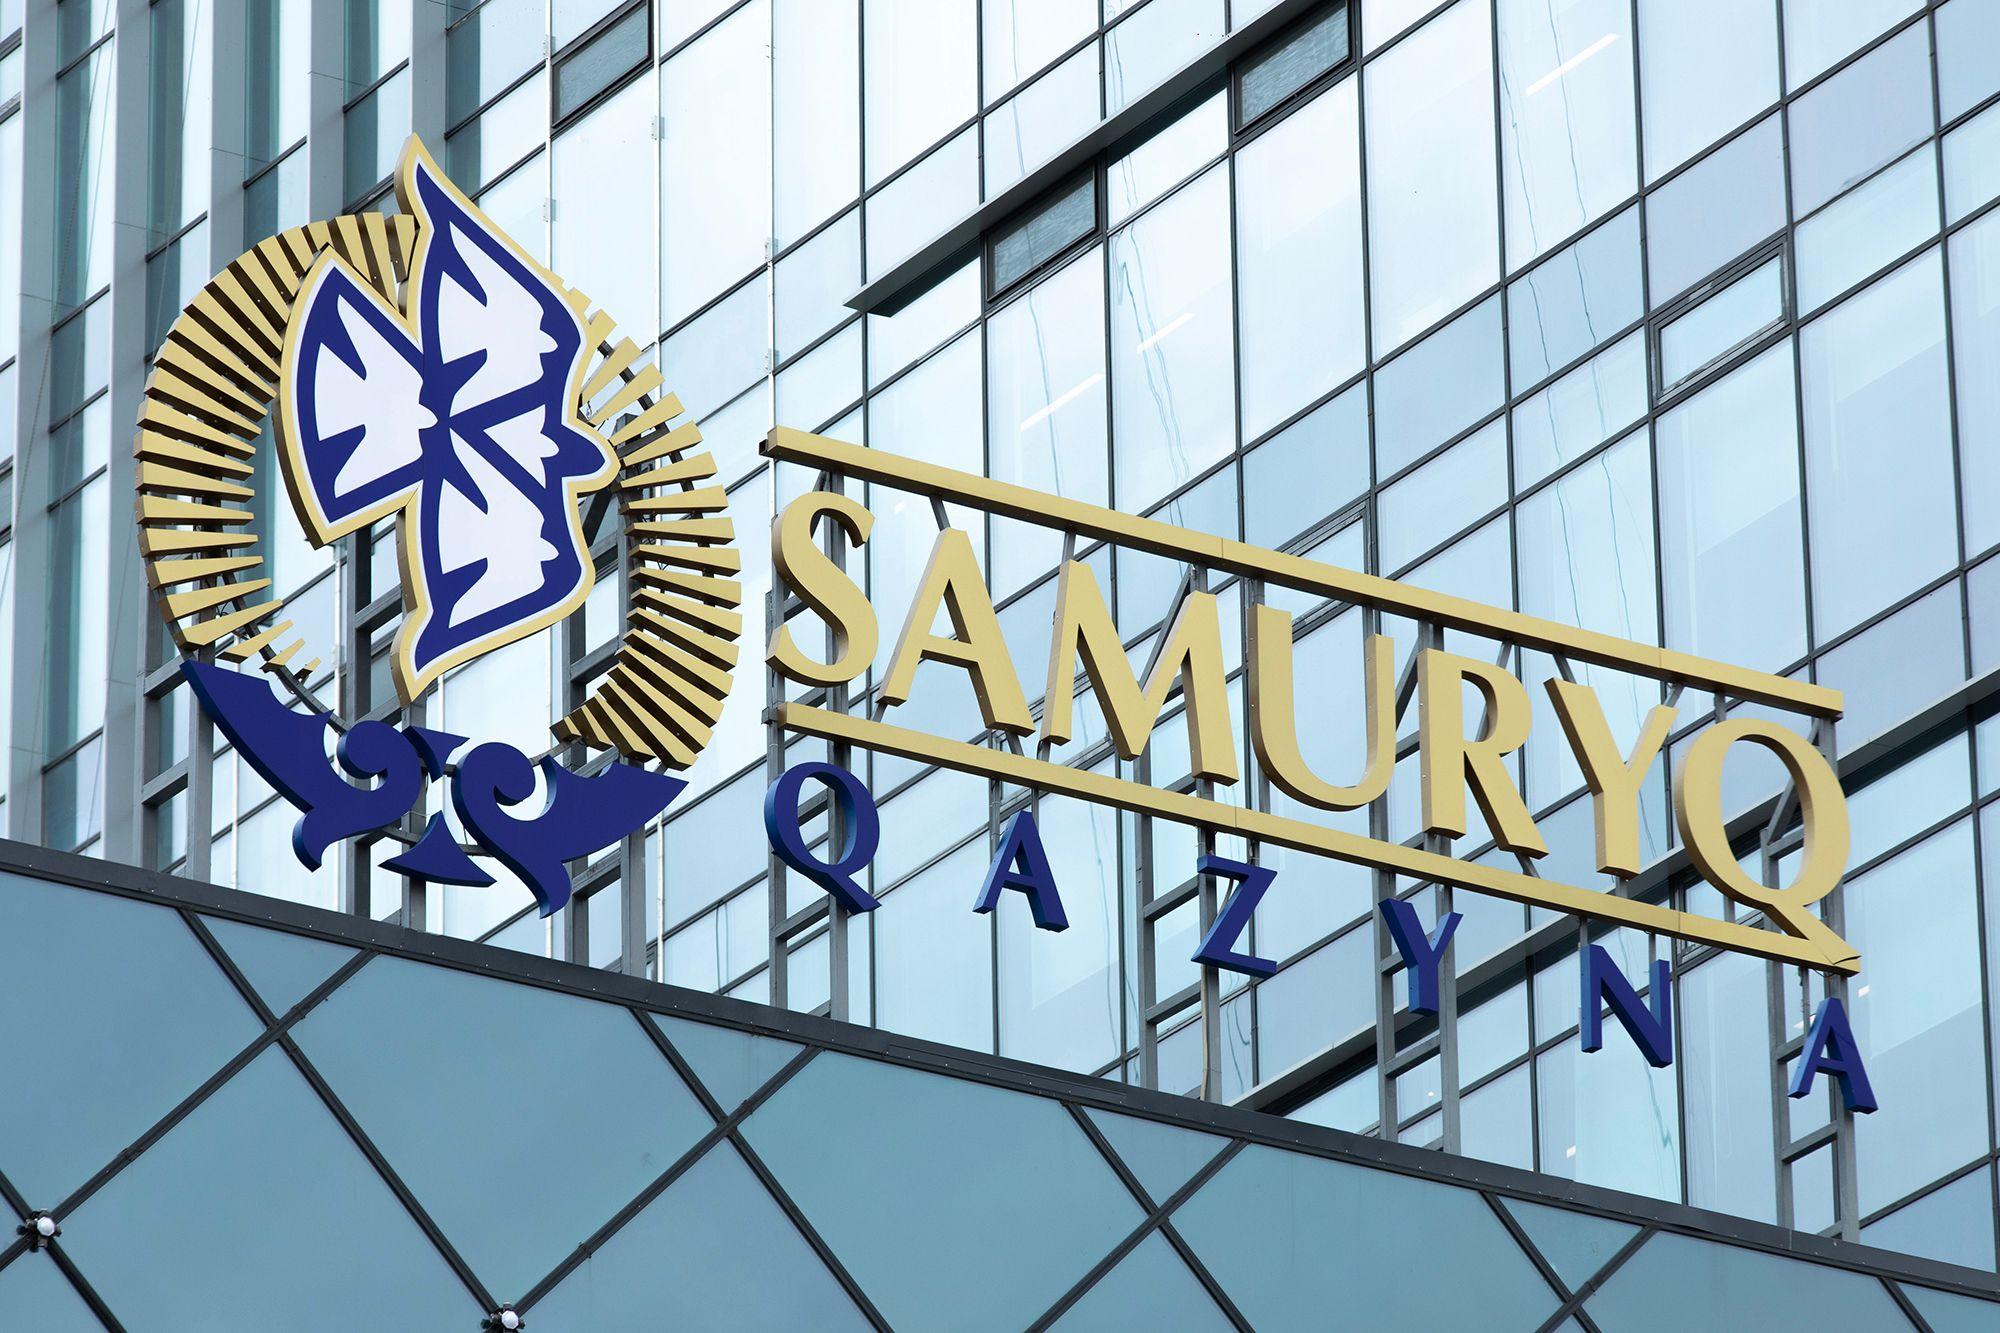 Активы «Самрук-Қазына» в 2019 году увеличились на 10%- Kapital.kz